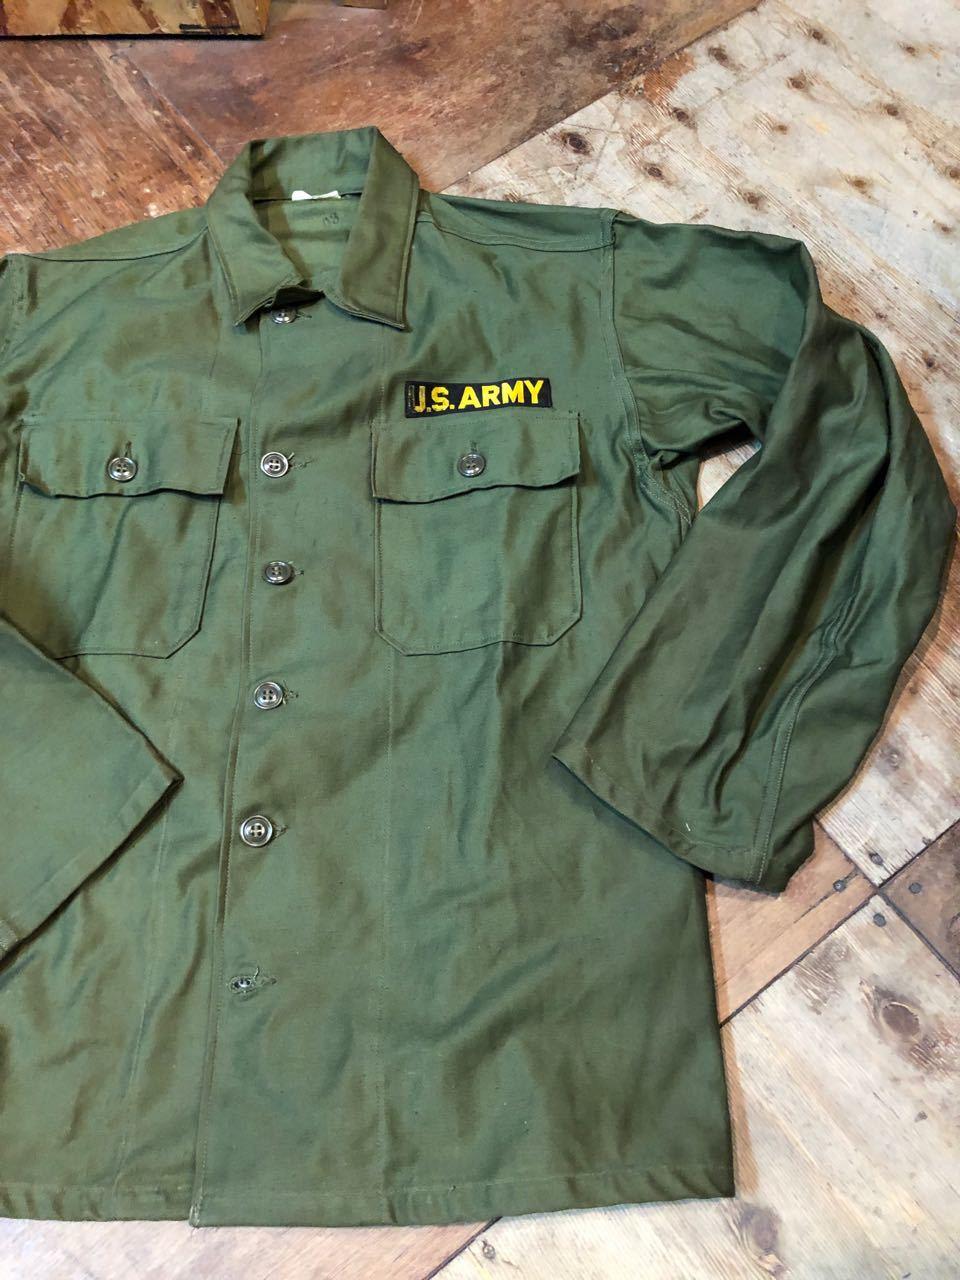 3月30日(土)入荷! デッドストック!60s U.S ARMY  0G107 サテンシャツ! _c0144020_13343953.jpg